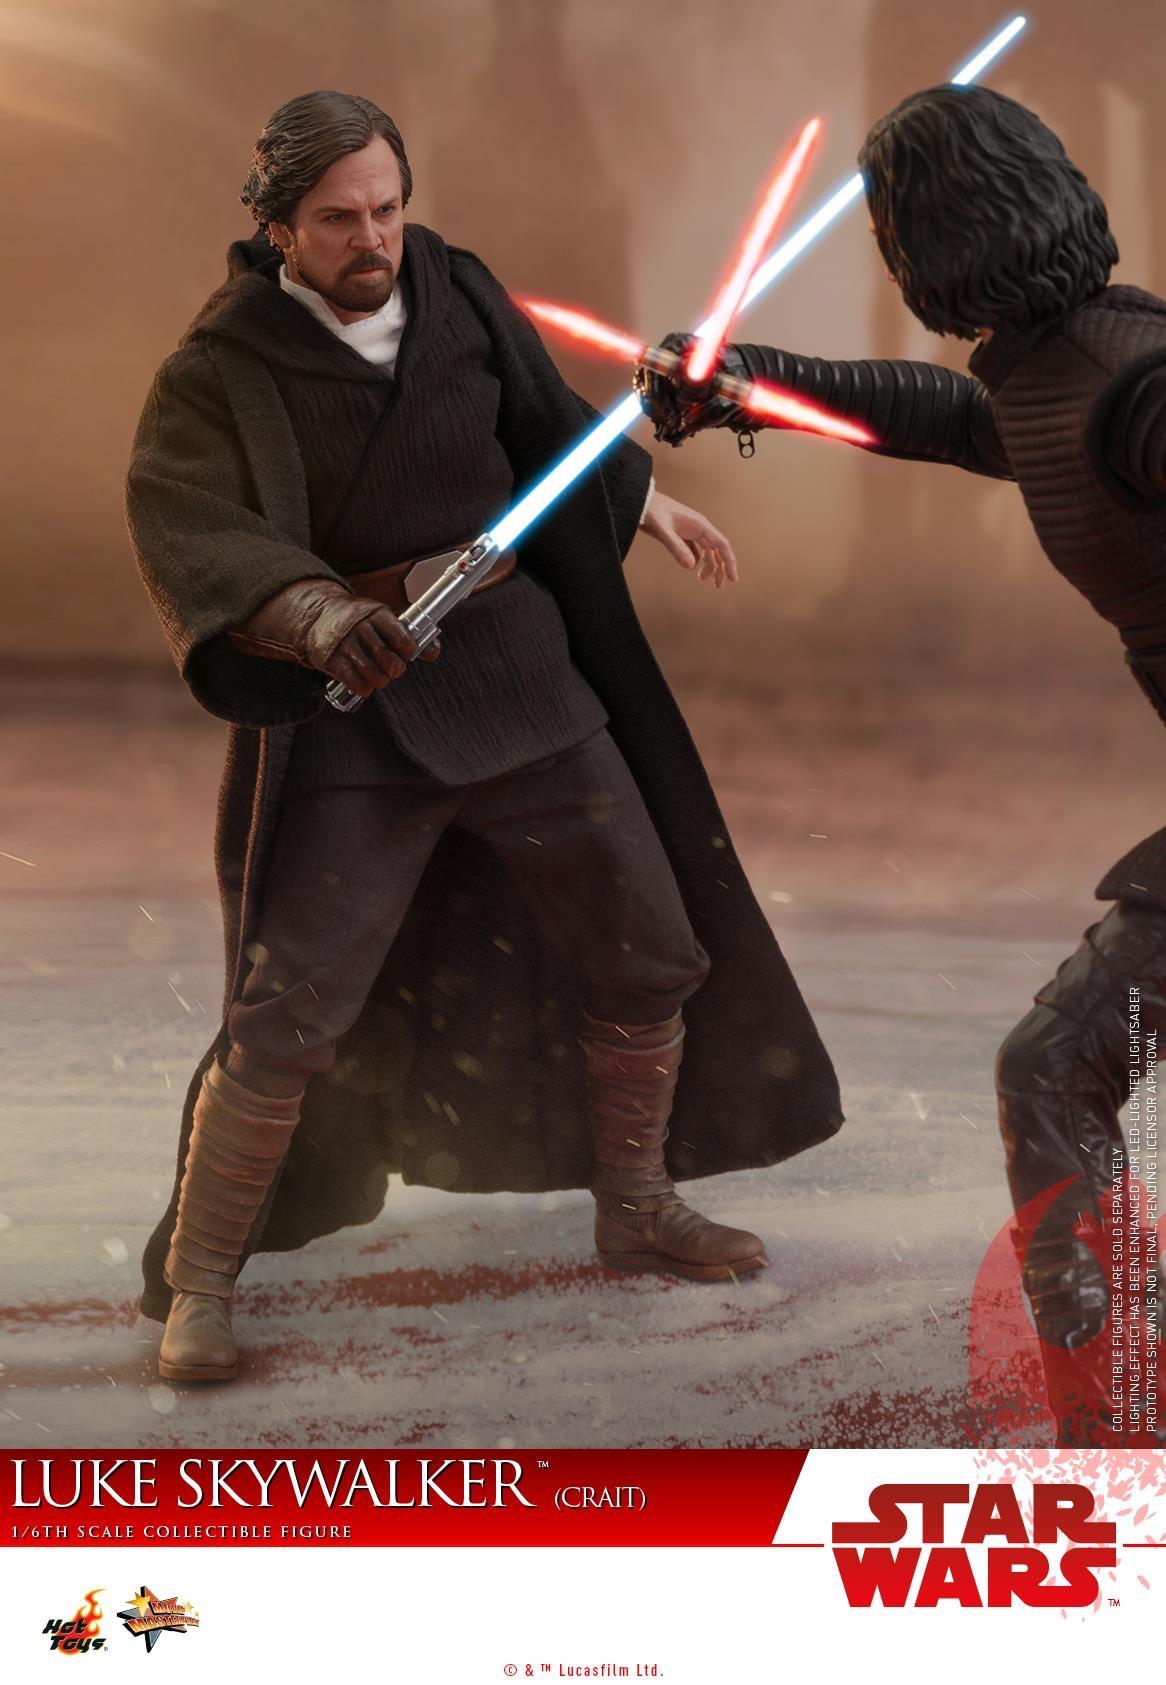 Star Wars The Last Jedi Luke Skywalker Crait Hot Toys